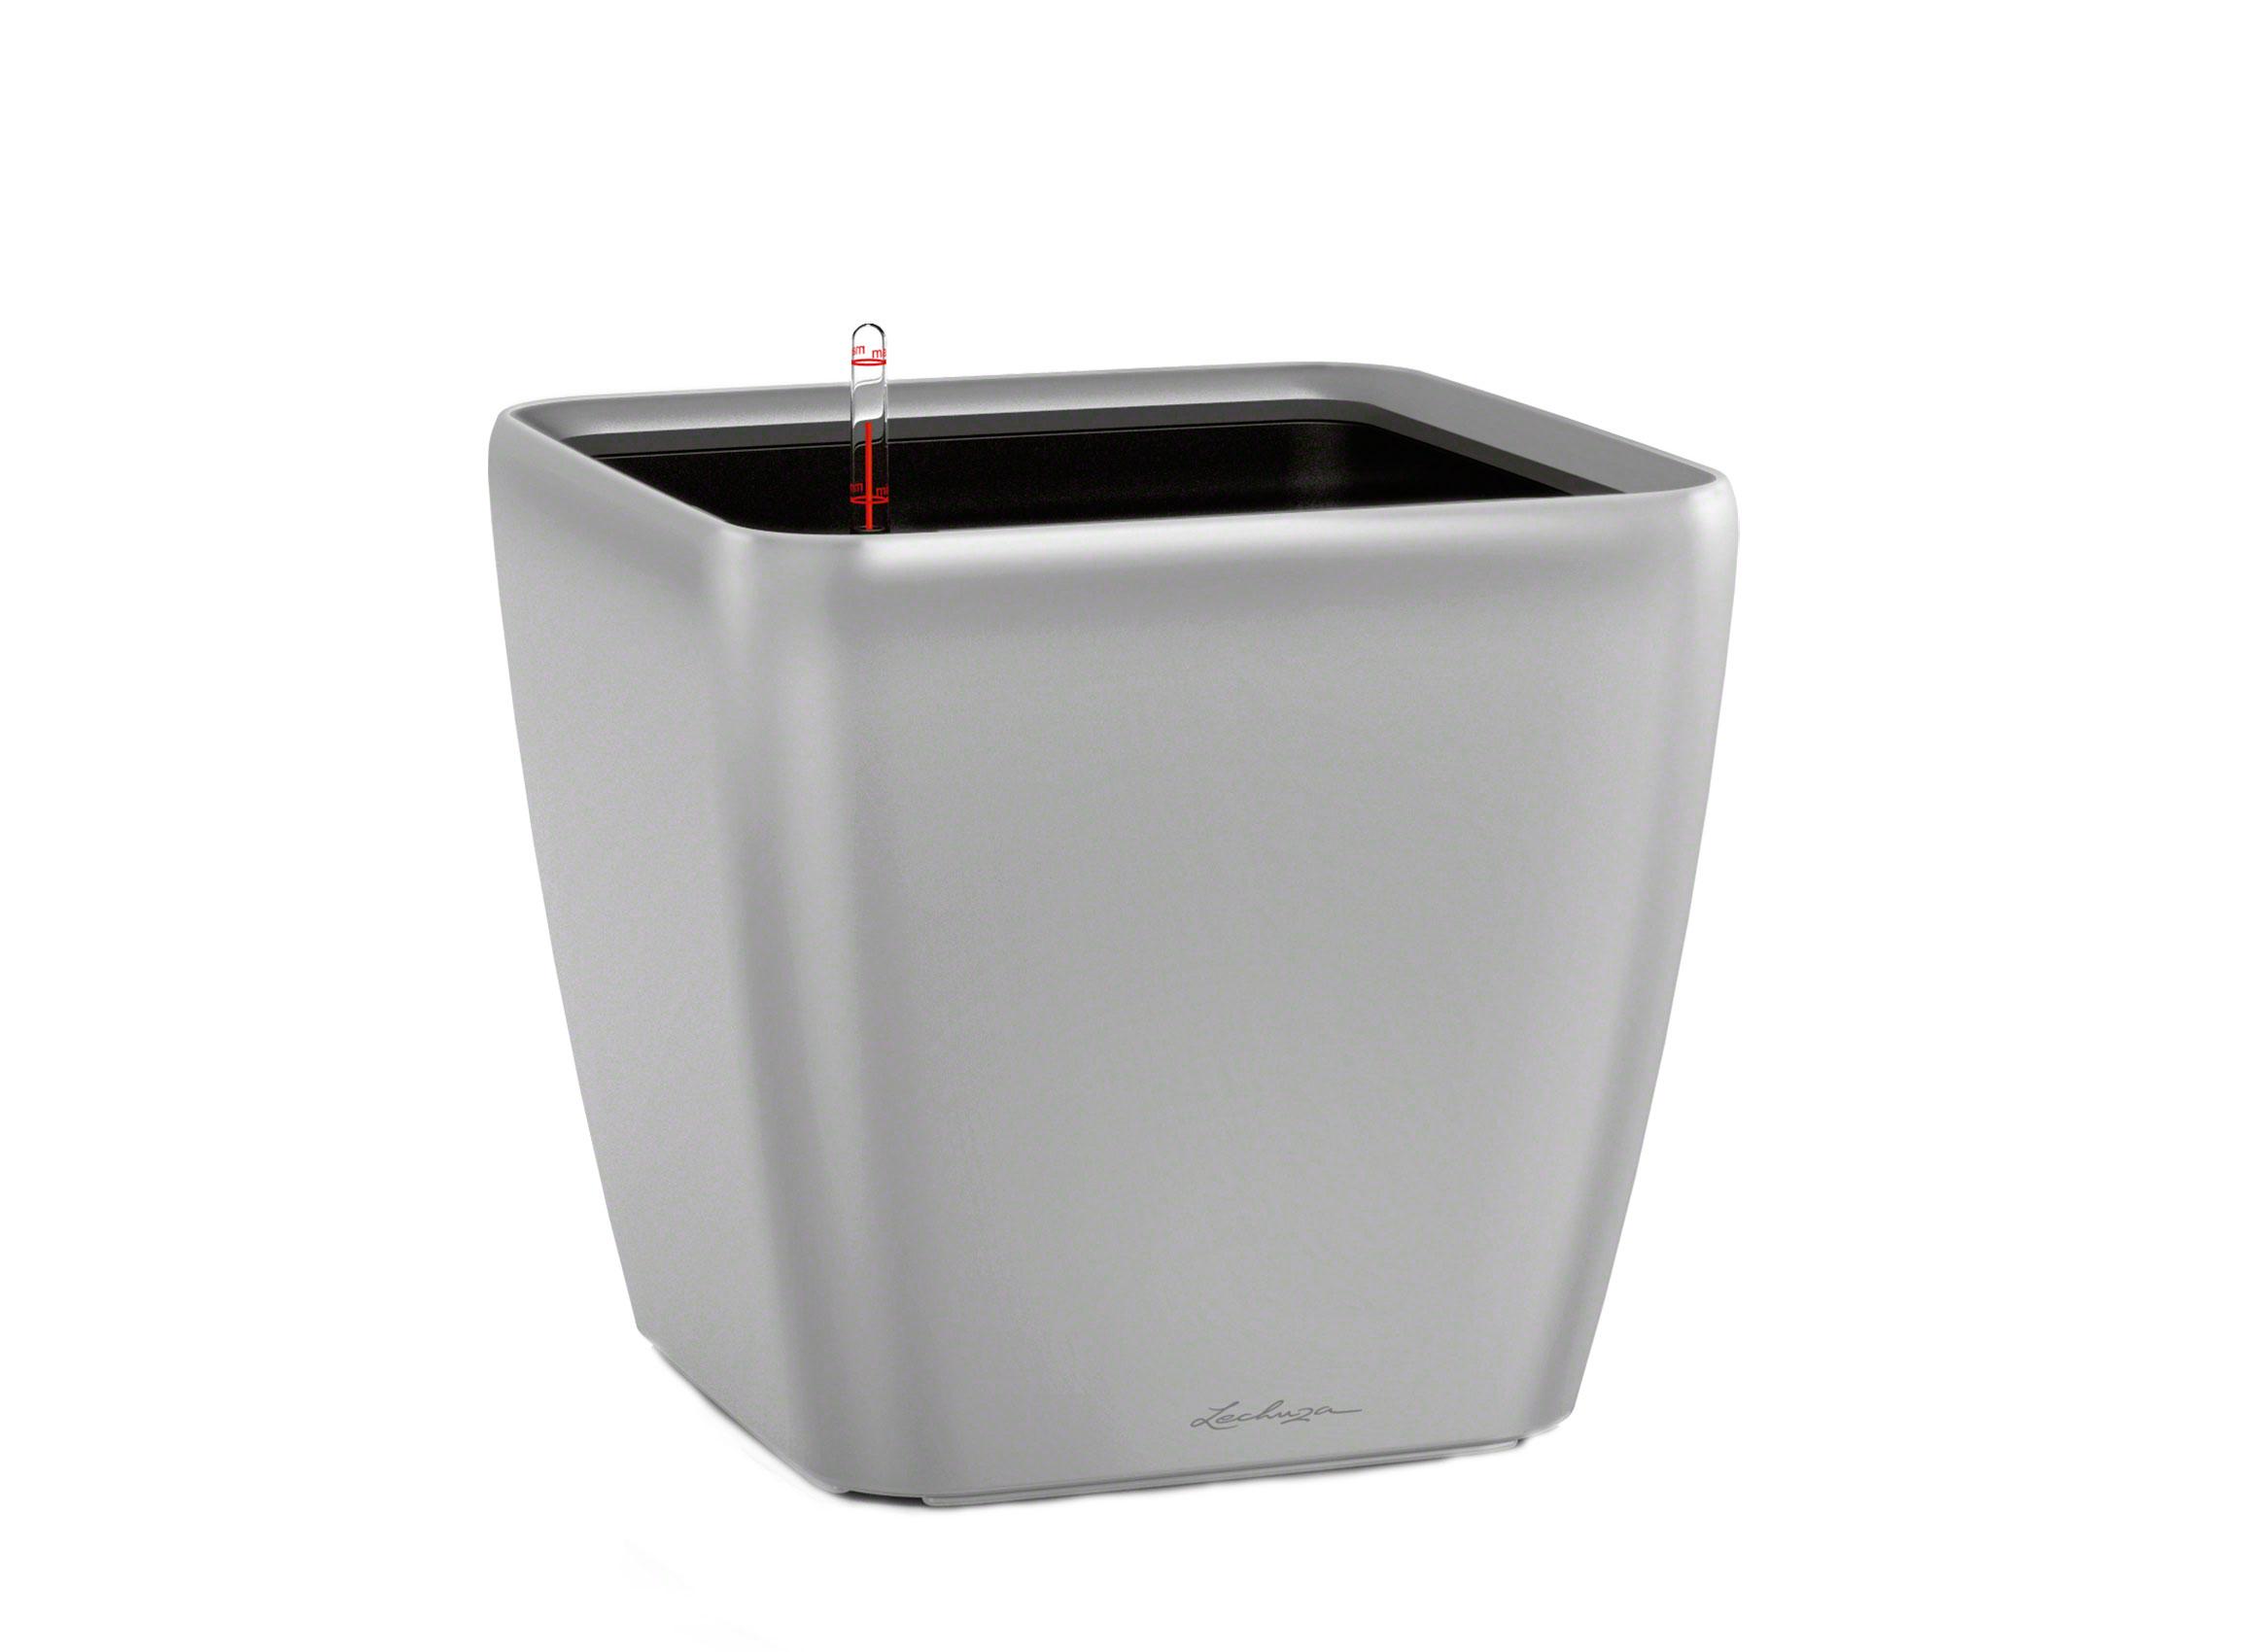 Кашпо с системой полива Квадро LSКашпо и аксессуары для цветов<br>Кашпо со съемным горшком.<br><br>Material: Пластик<br>Ширина см: 43<br>Высота см: 40<br>Глубина см: 43